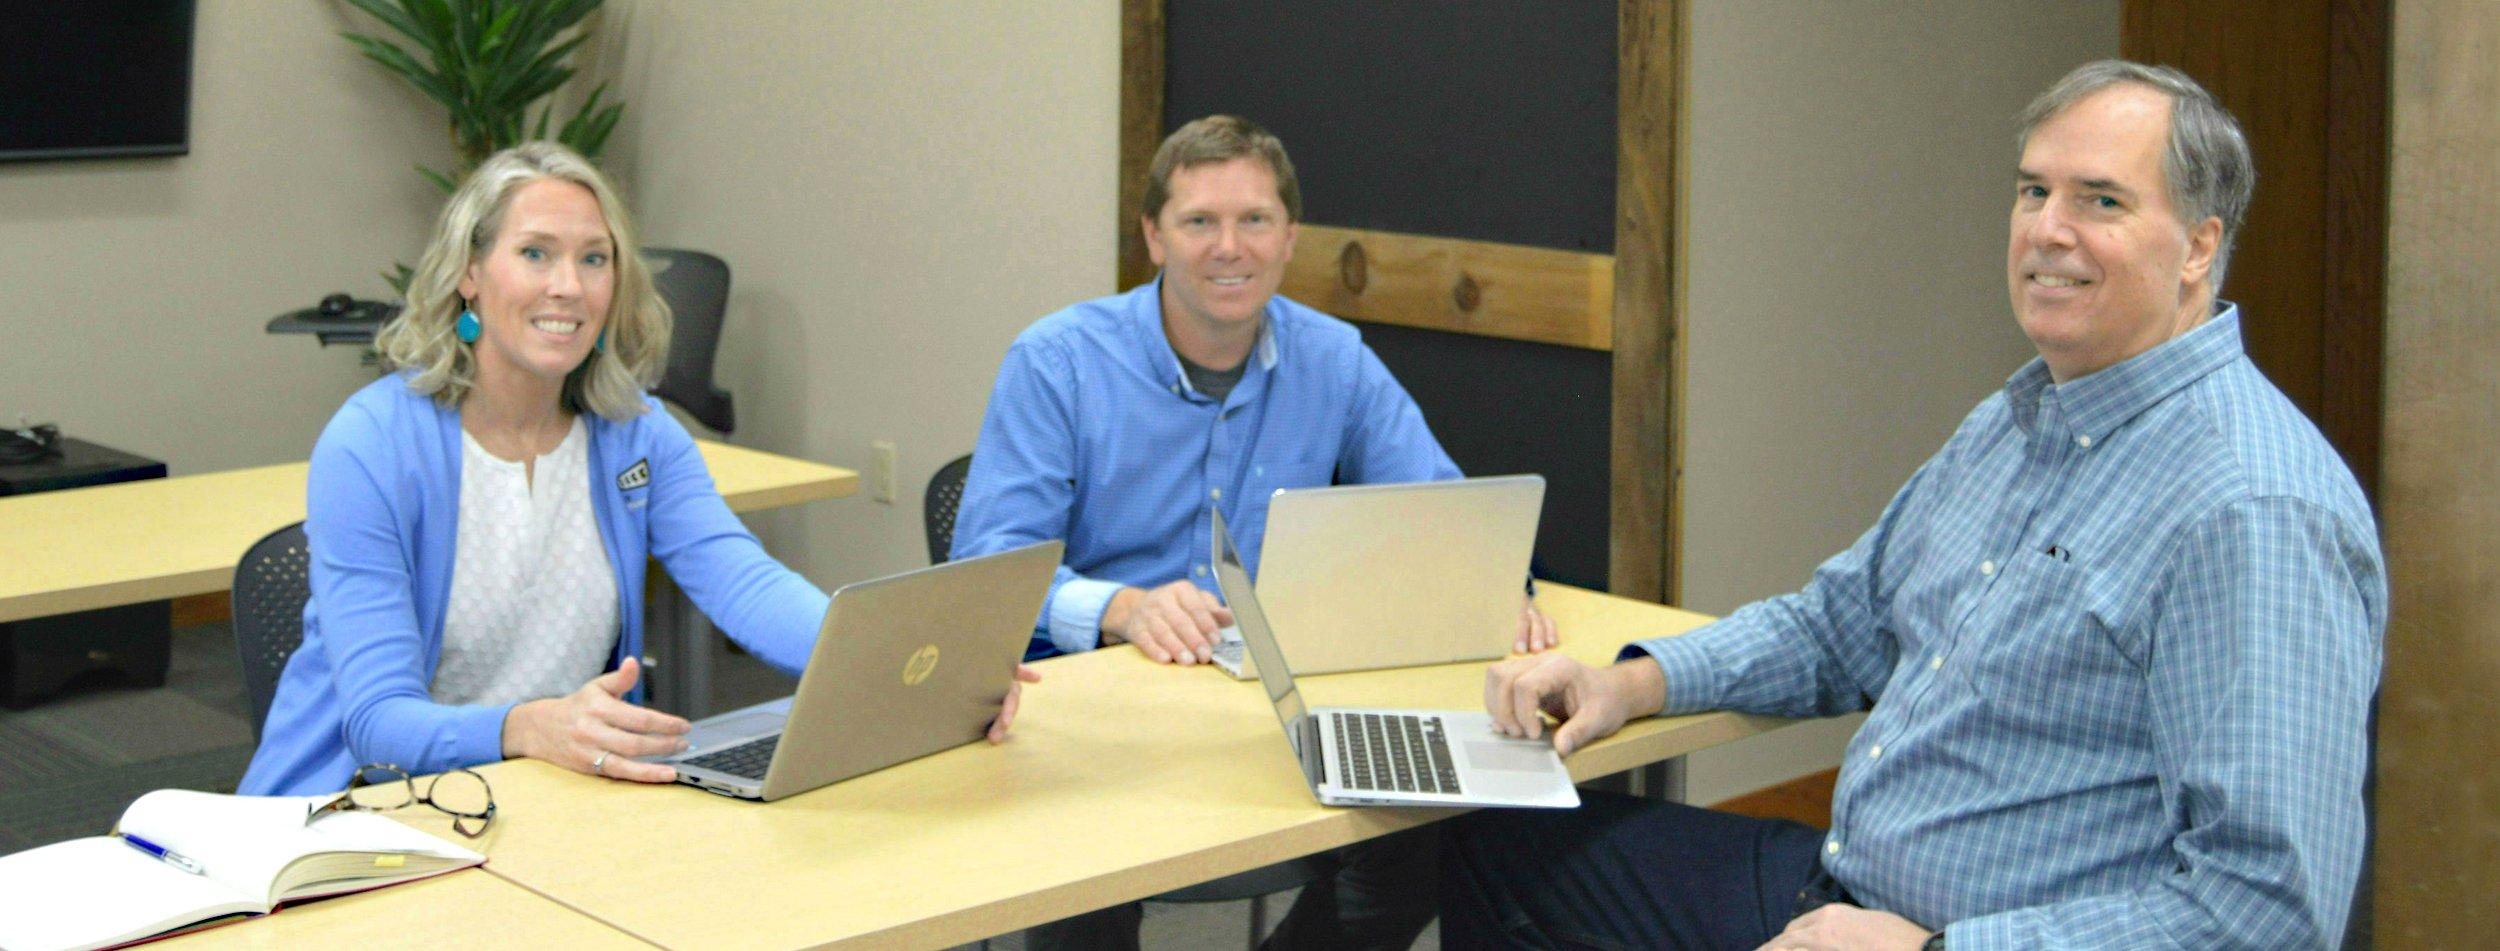 IT Consultant in Grand Rapids